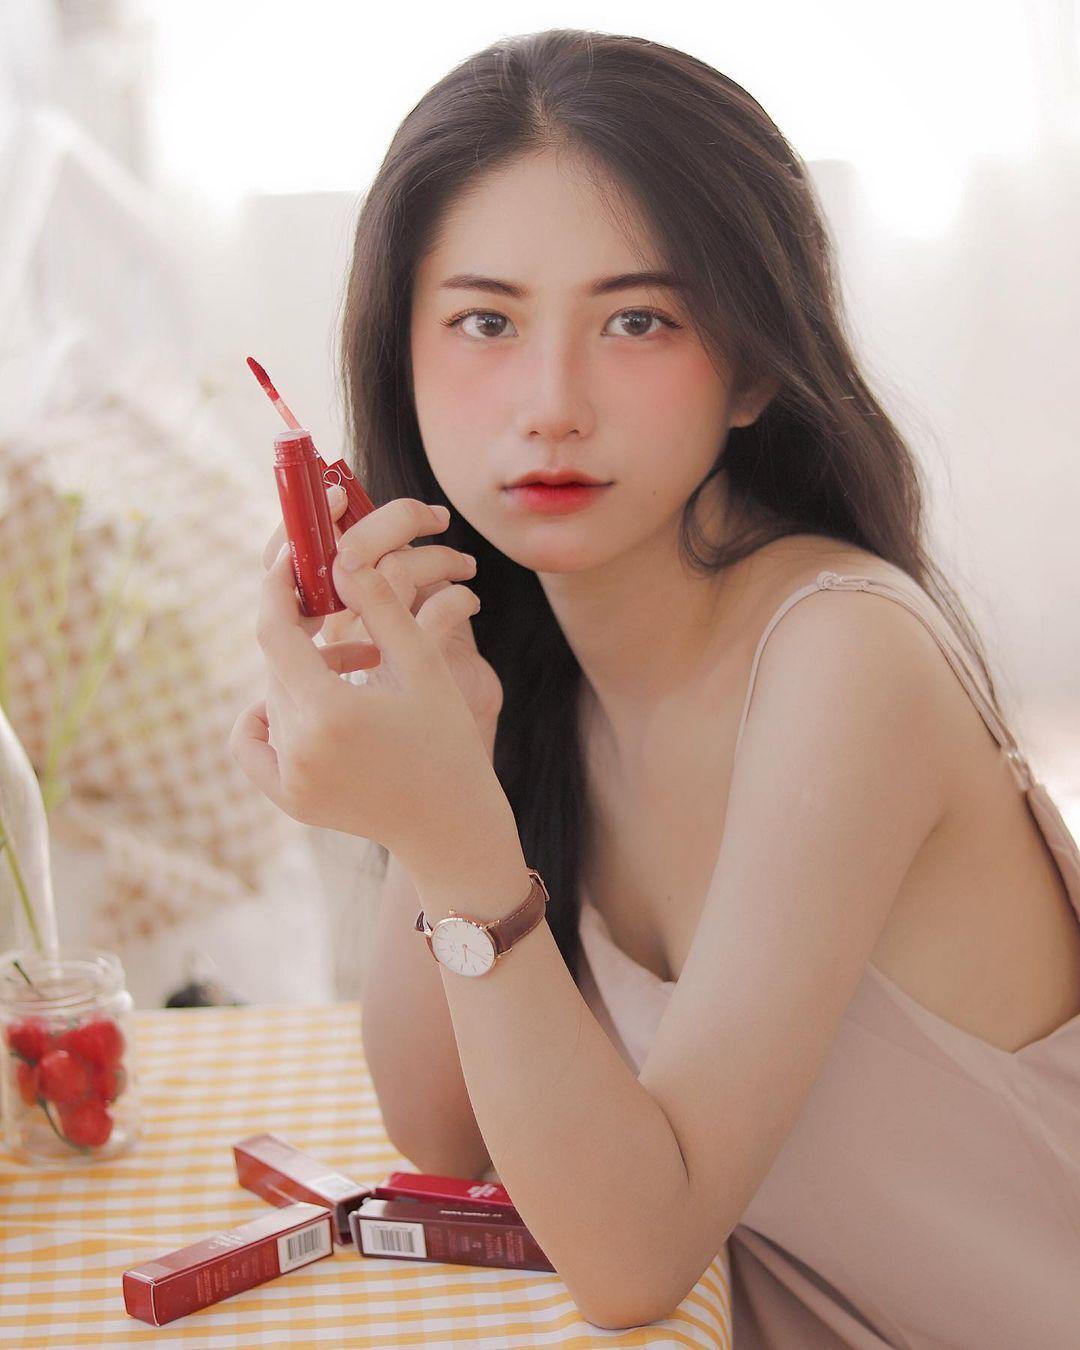 天菜越南妹「Kim Anh」迷蒙眼神仿佛随时在放电空灵气质更是无比疗愈人心 养眼图片 第27张